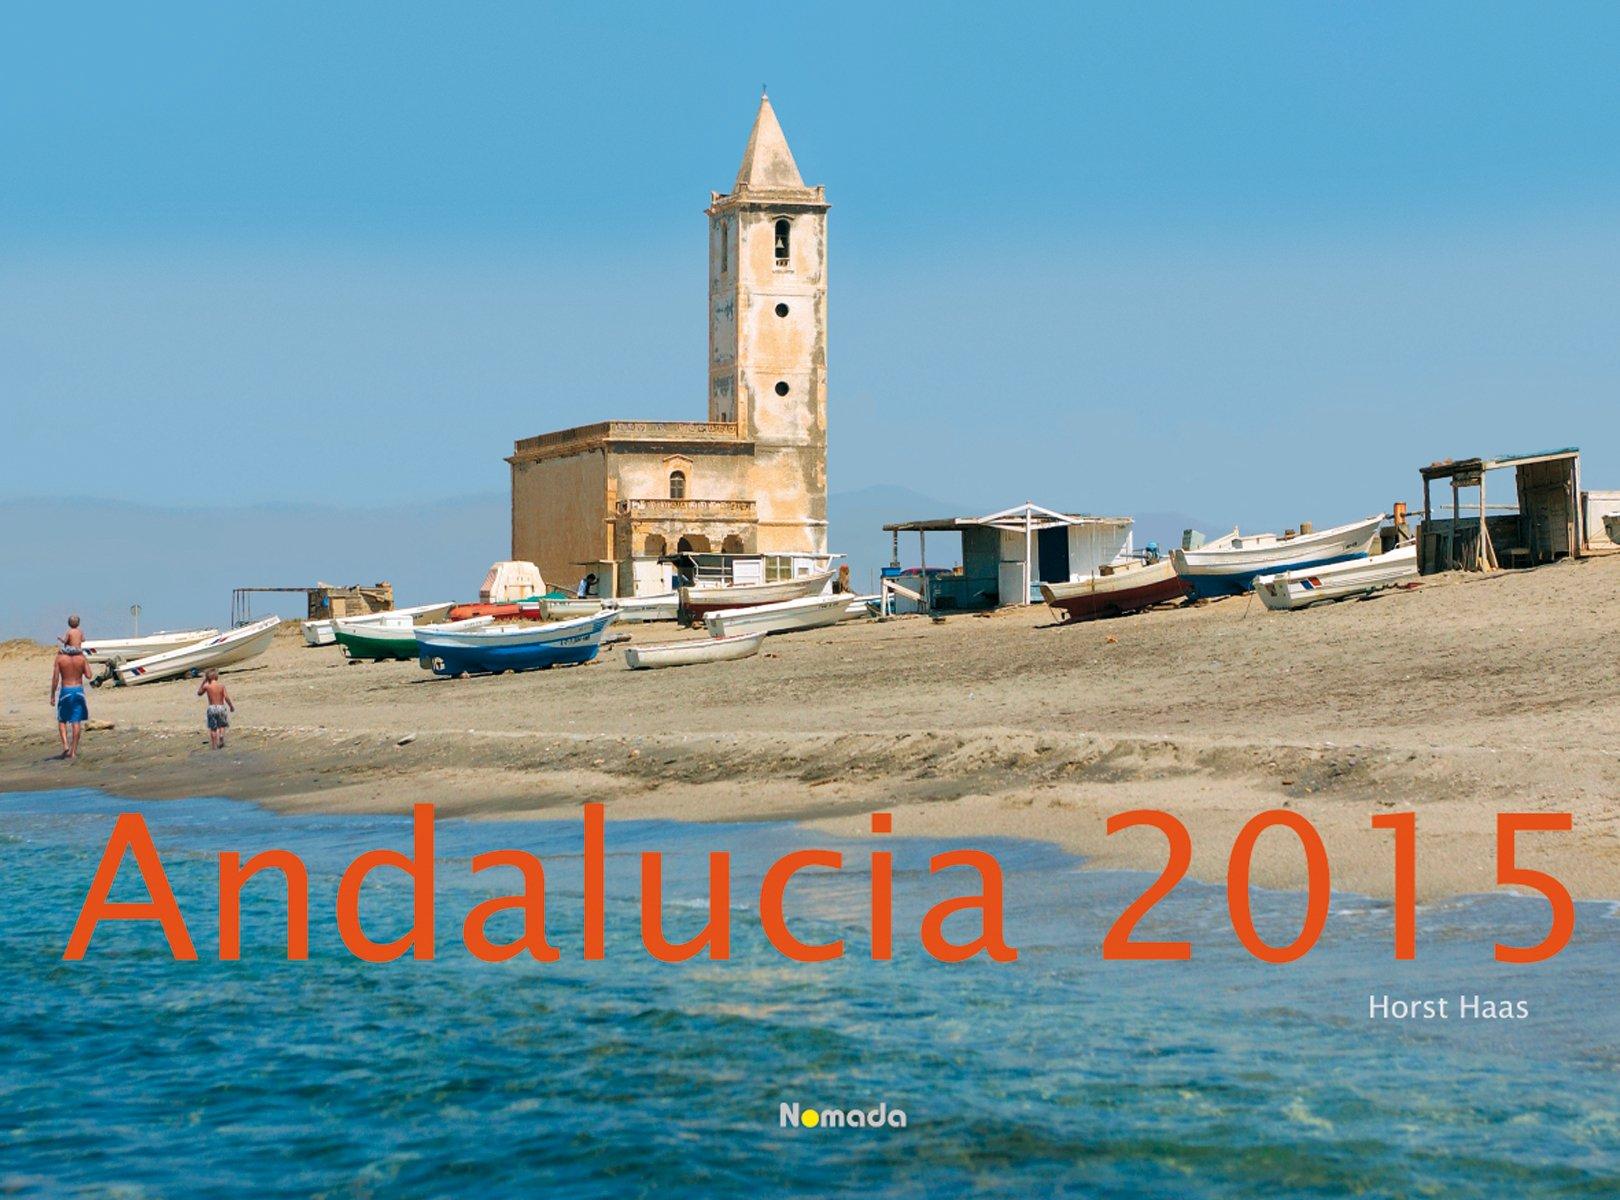 Andalucia 2015 - Andalusien - Bildkalender quer (56 x 42) - Nomada Landschaftskalender - by Horst Haas